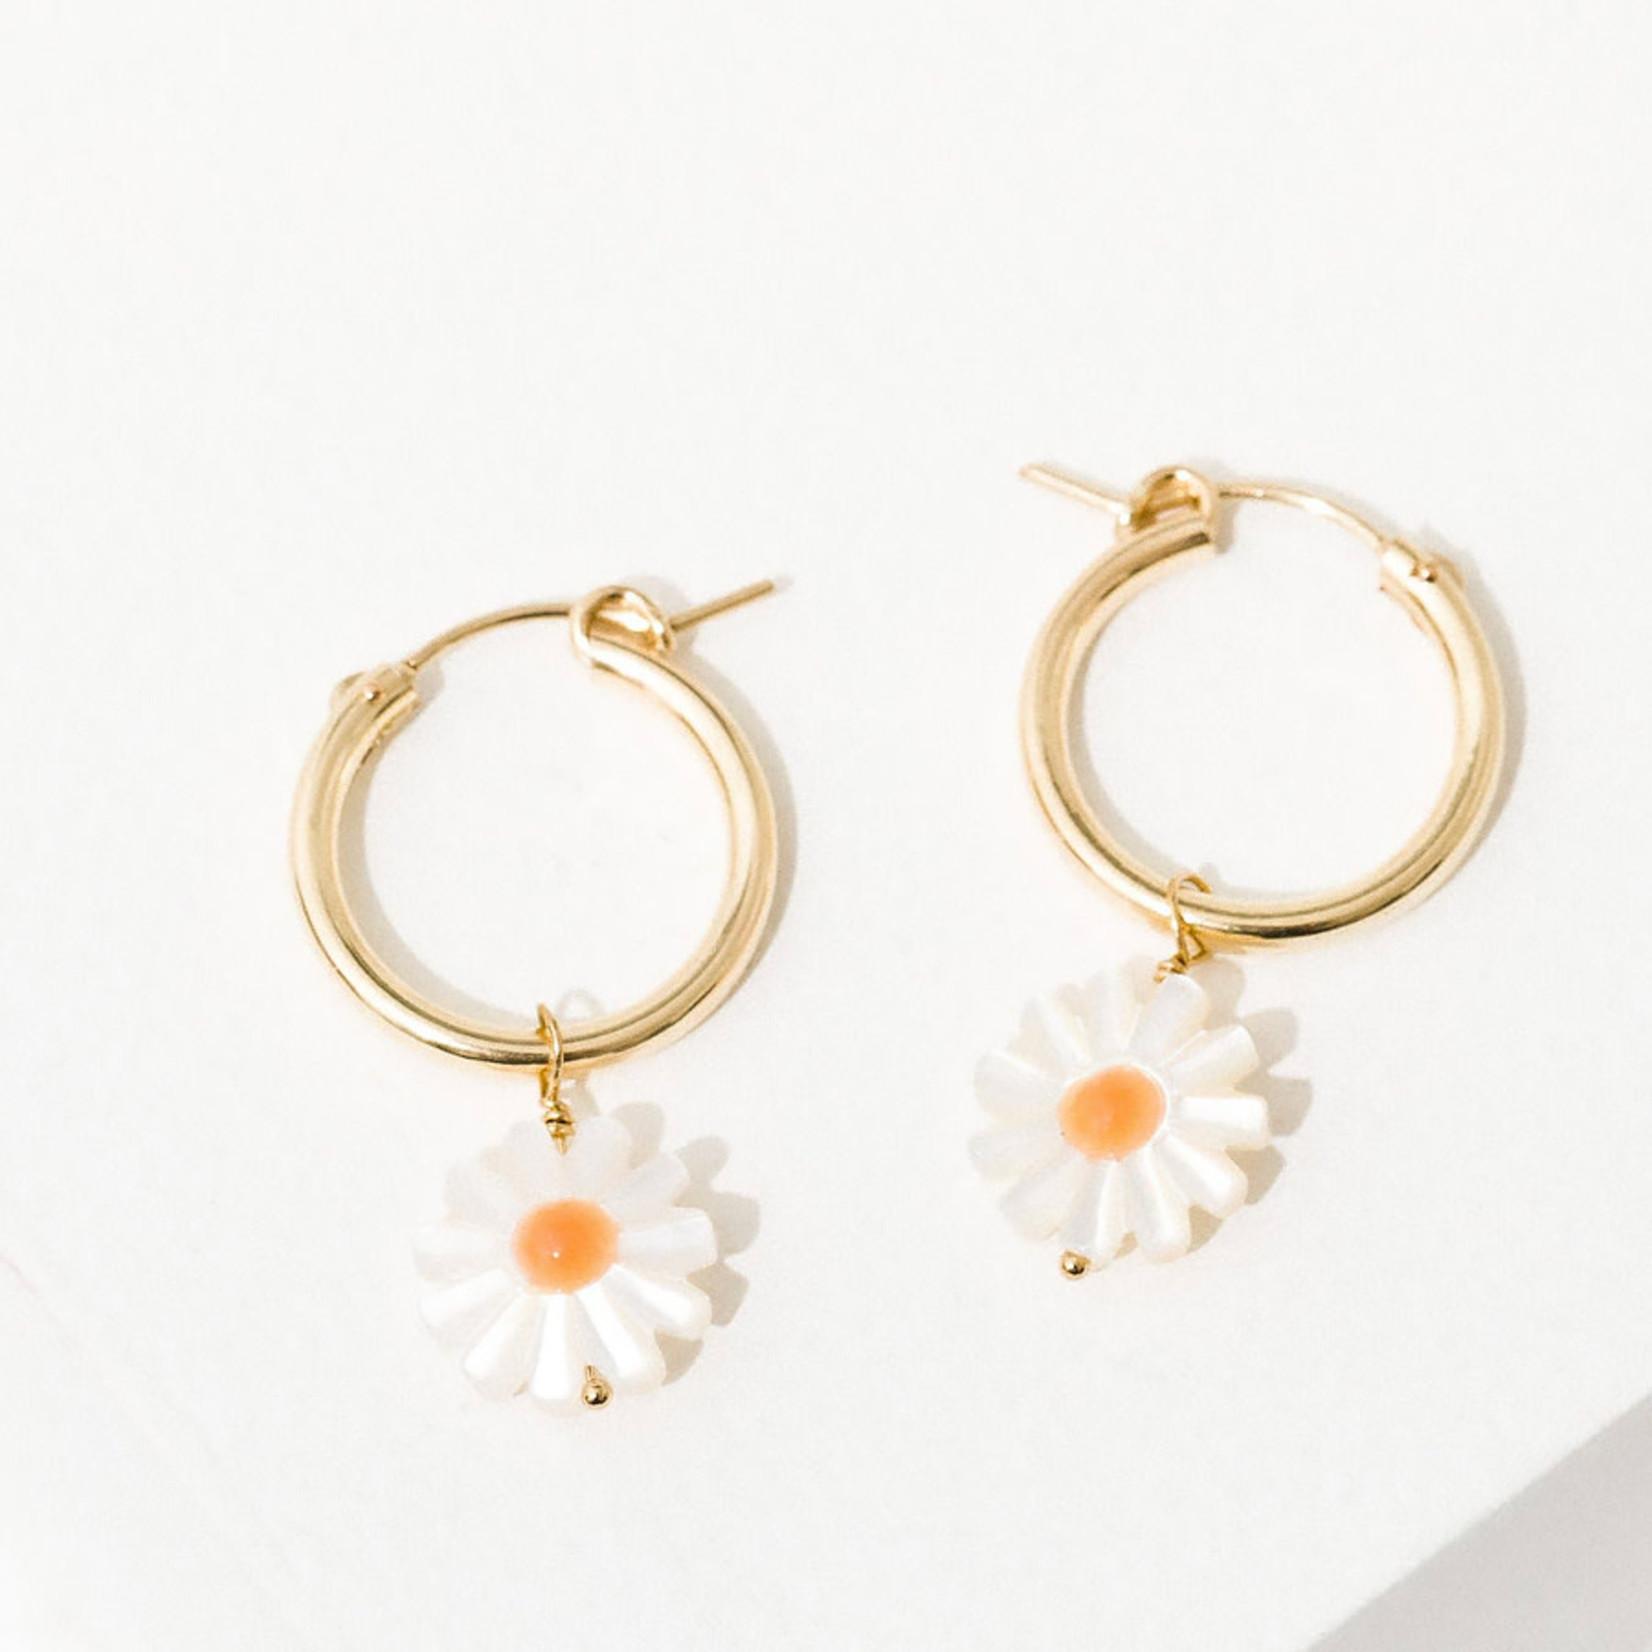 Larissa Loden Barrymore Earrings